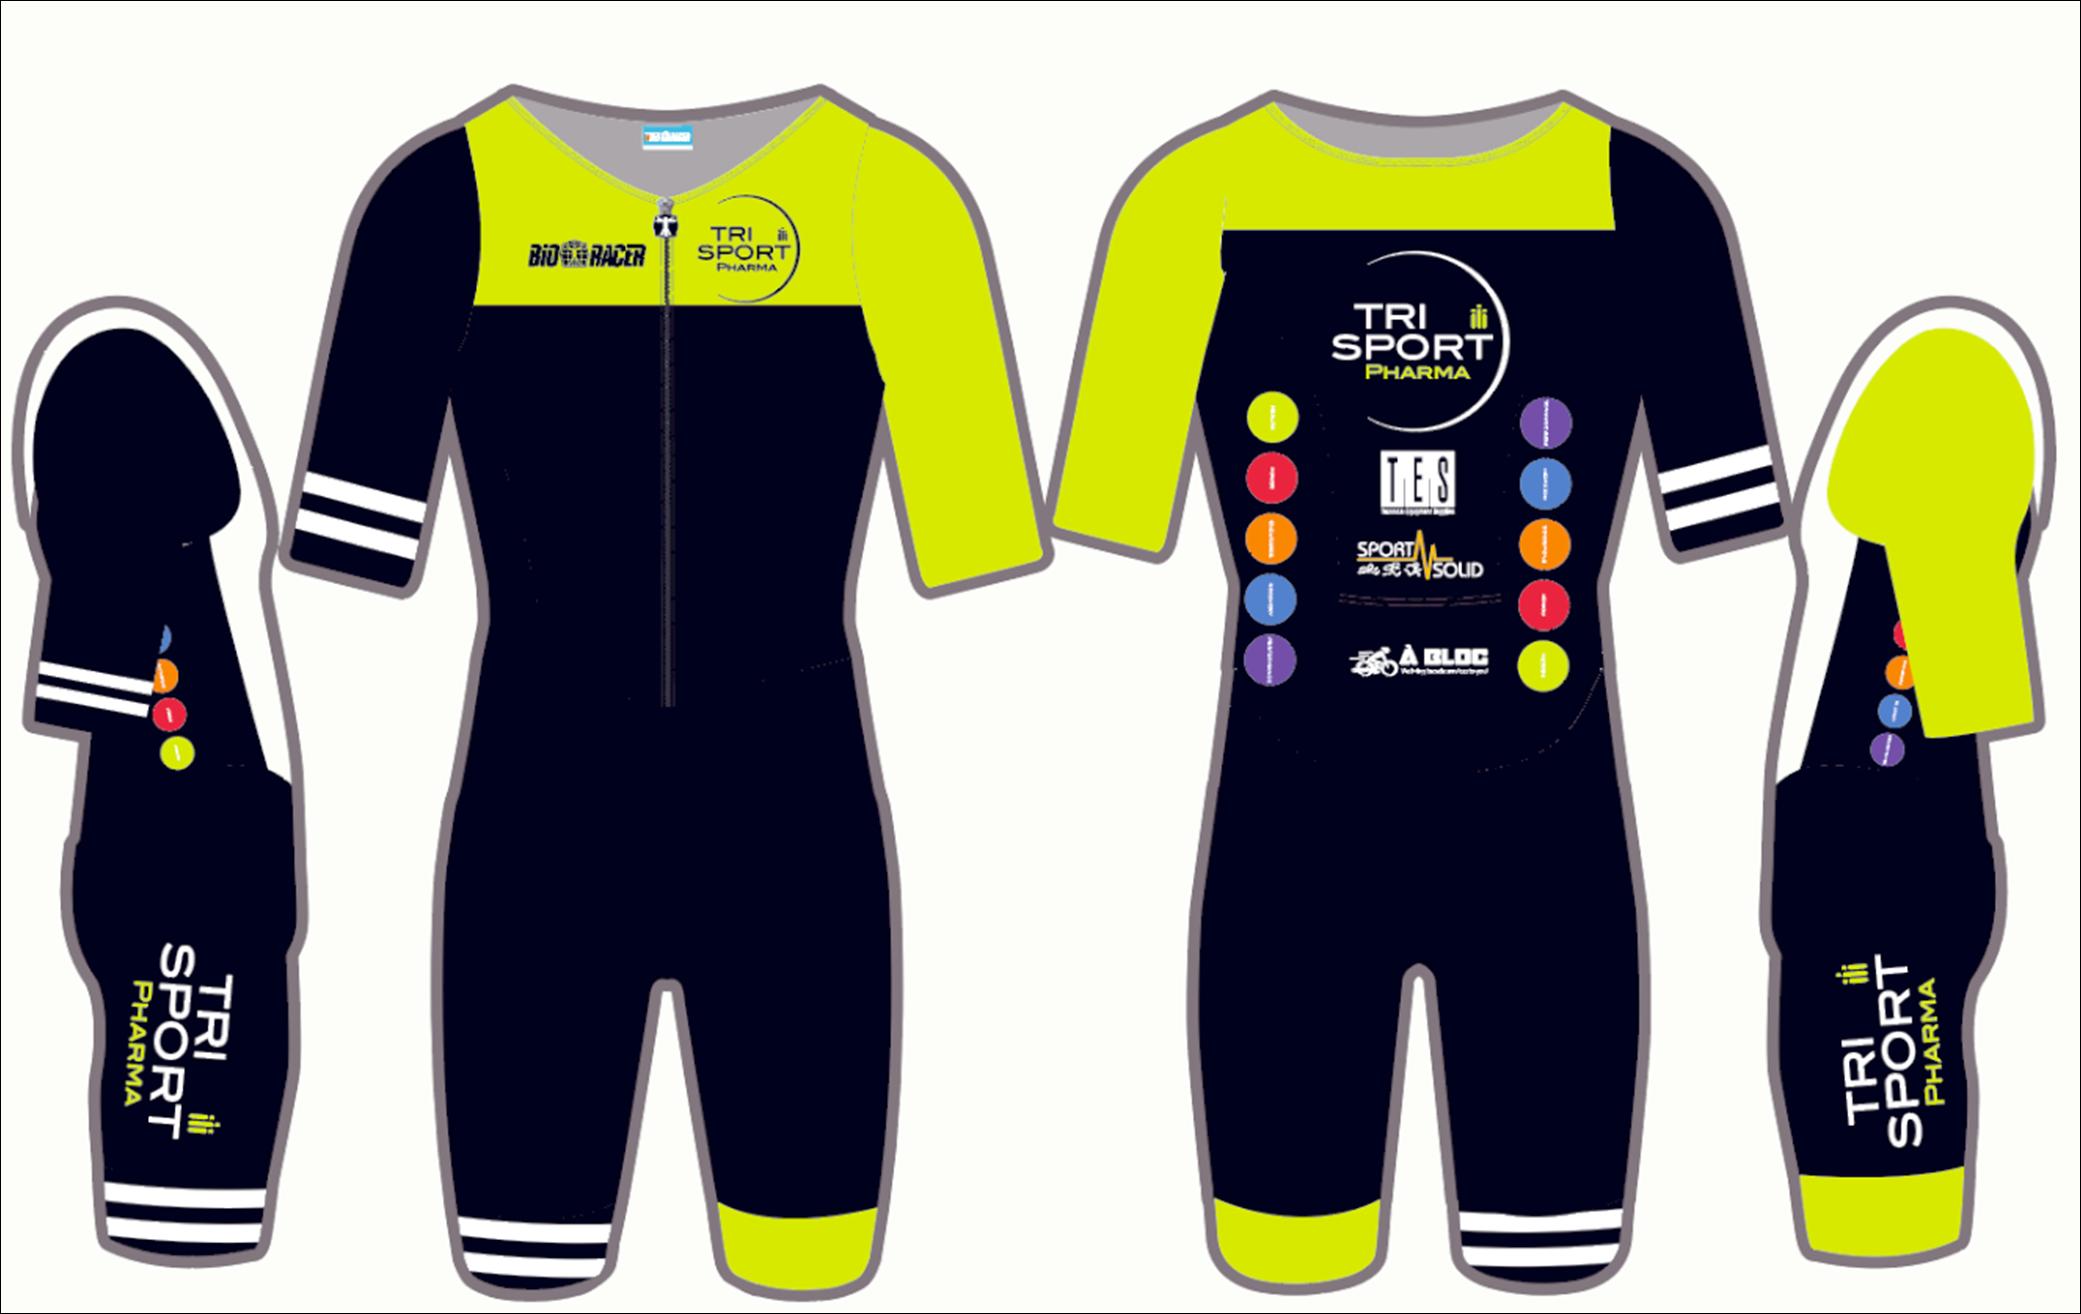 De nieuwe tenue van het Trisport Pharma team voor 2019